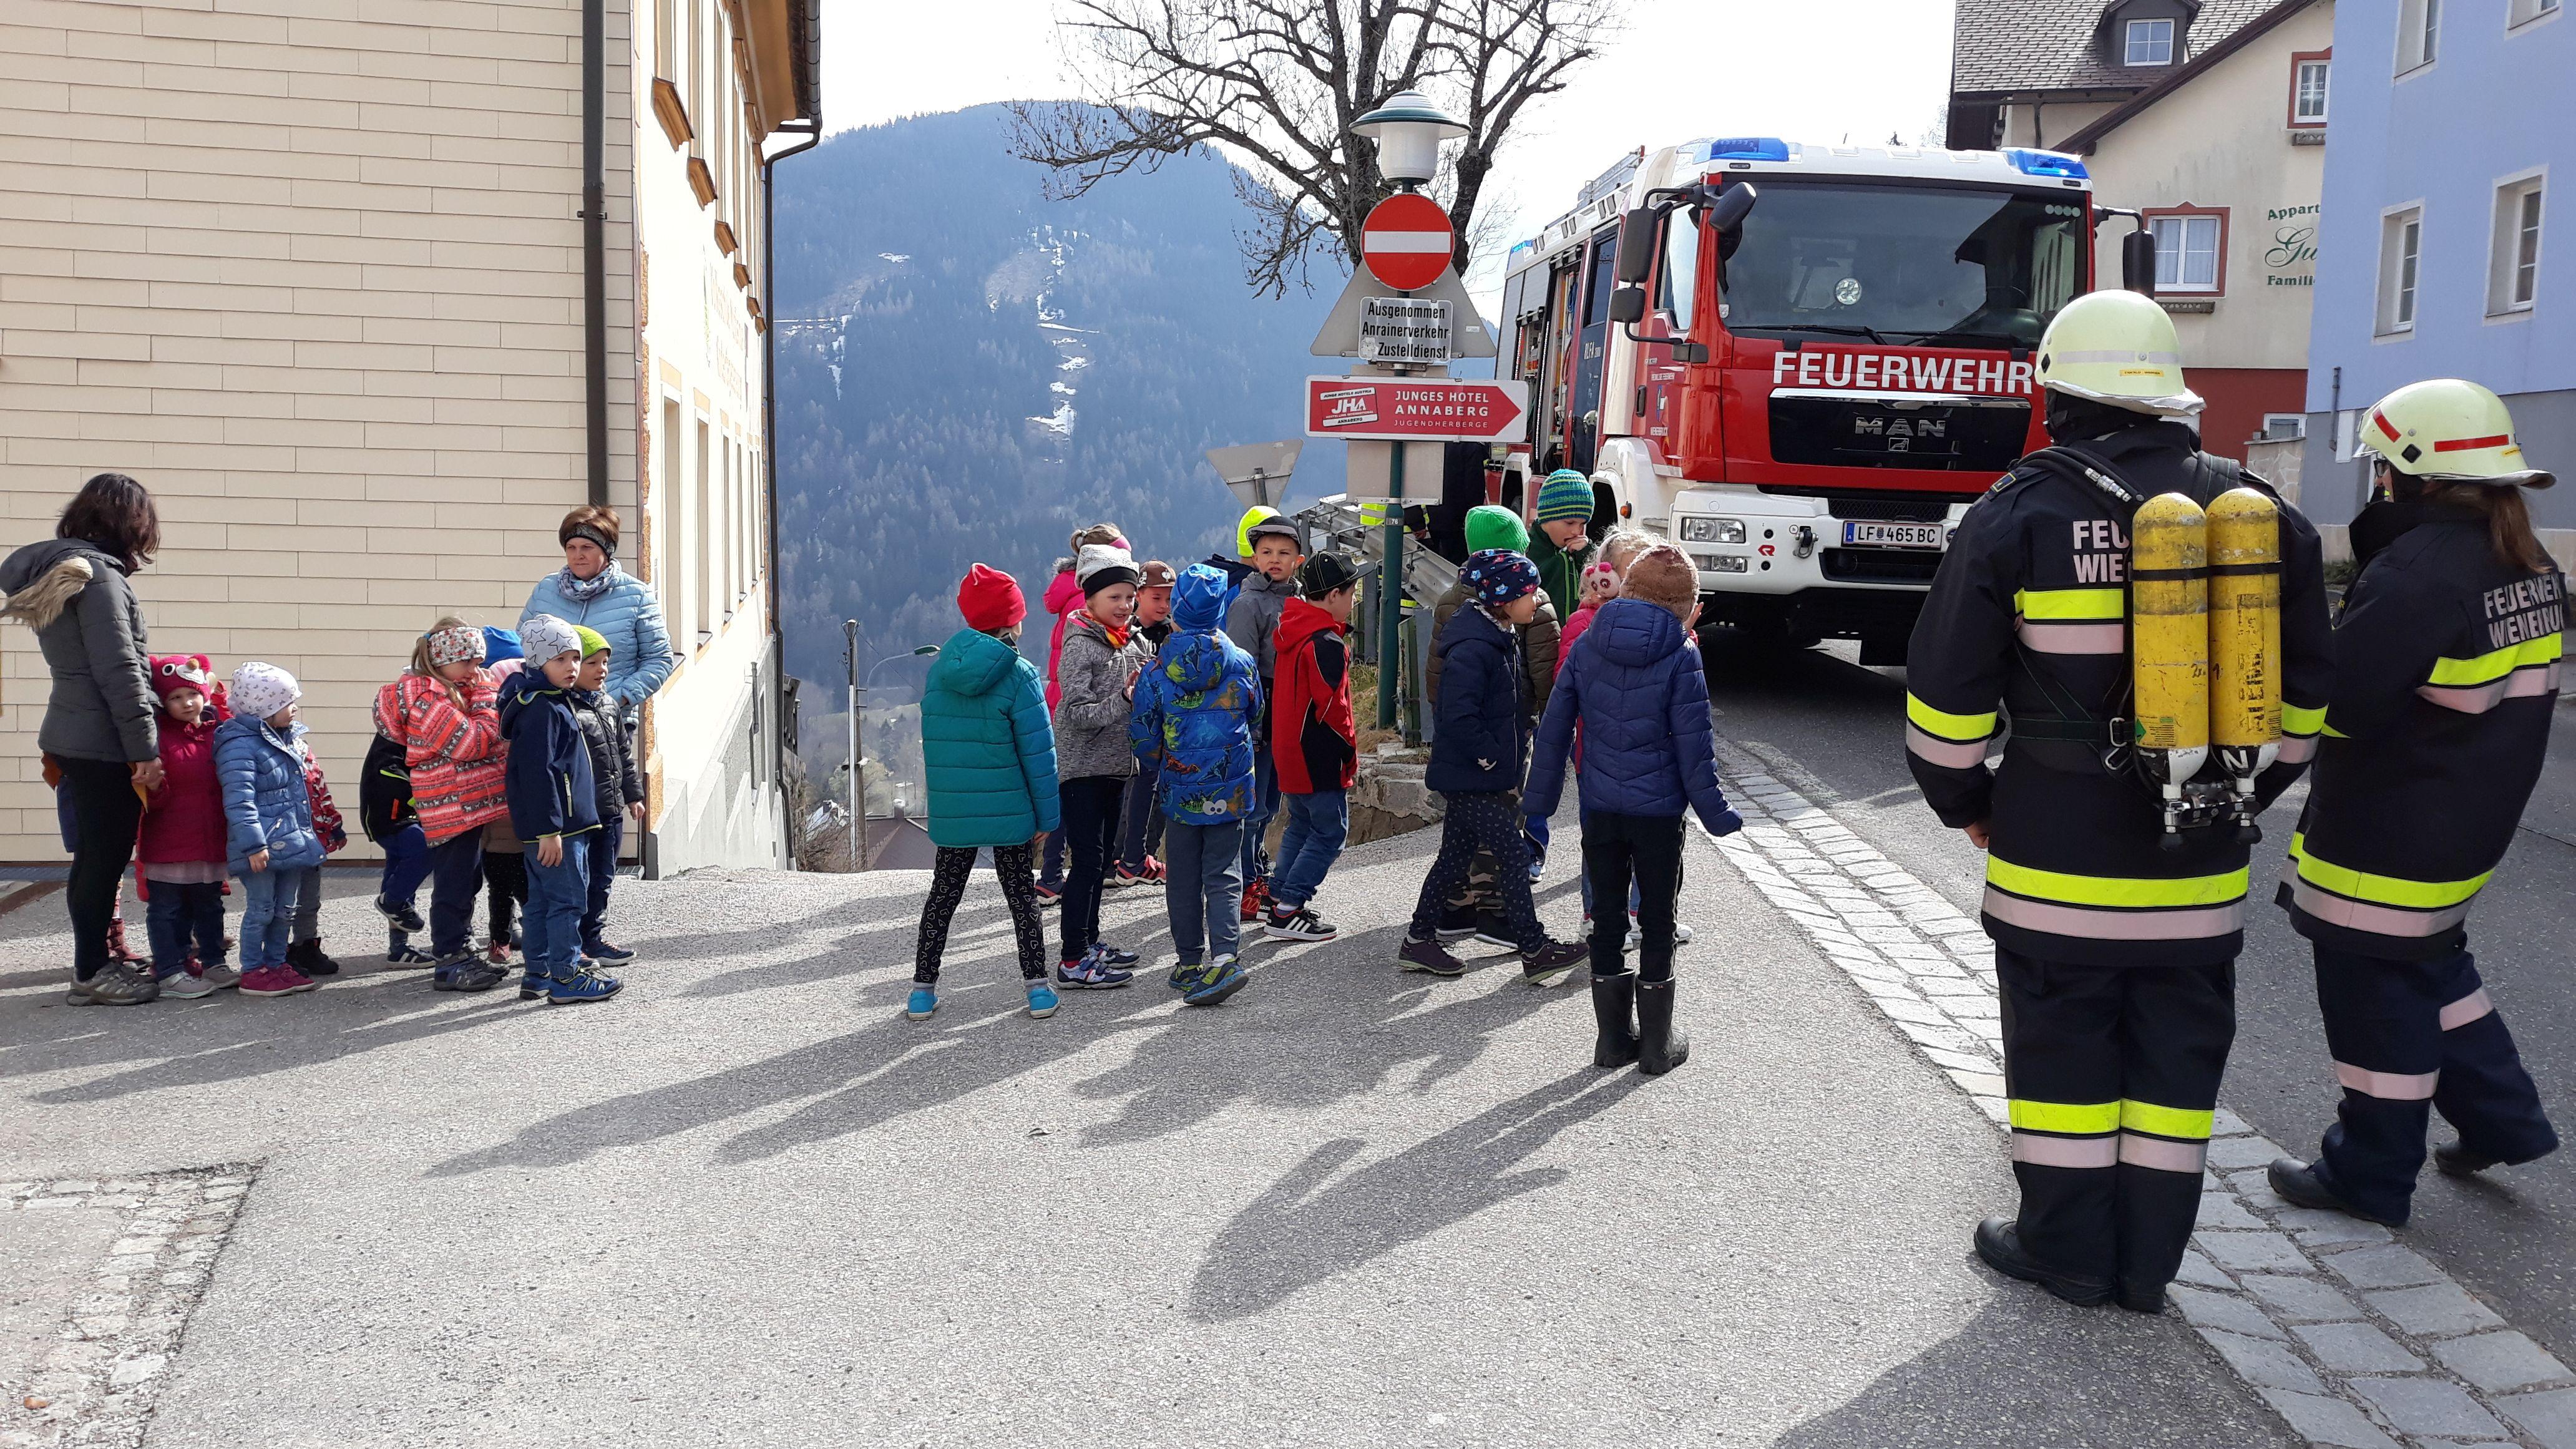 Feuerwehr201904008